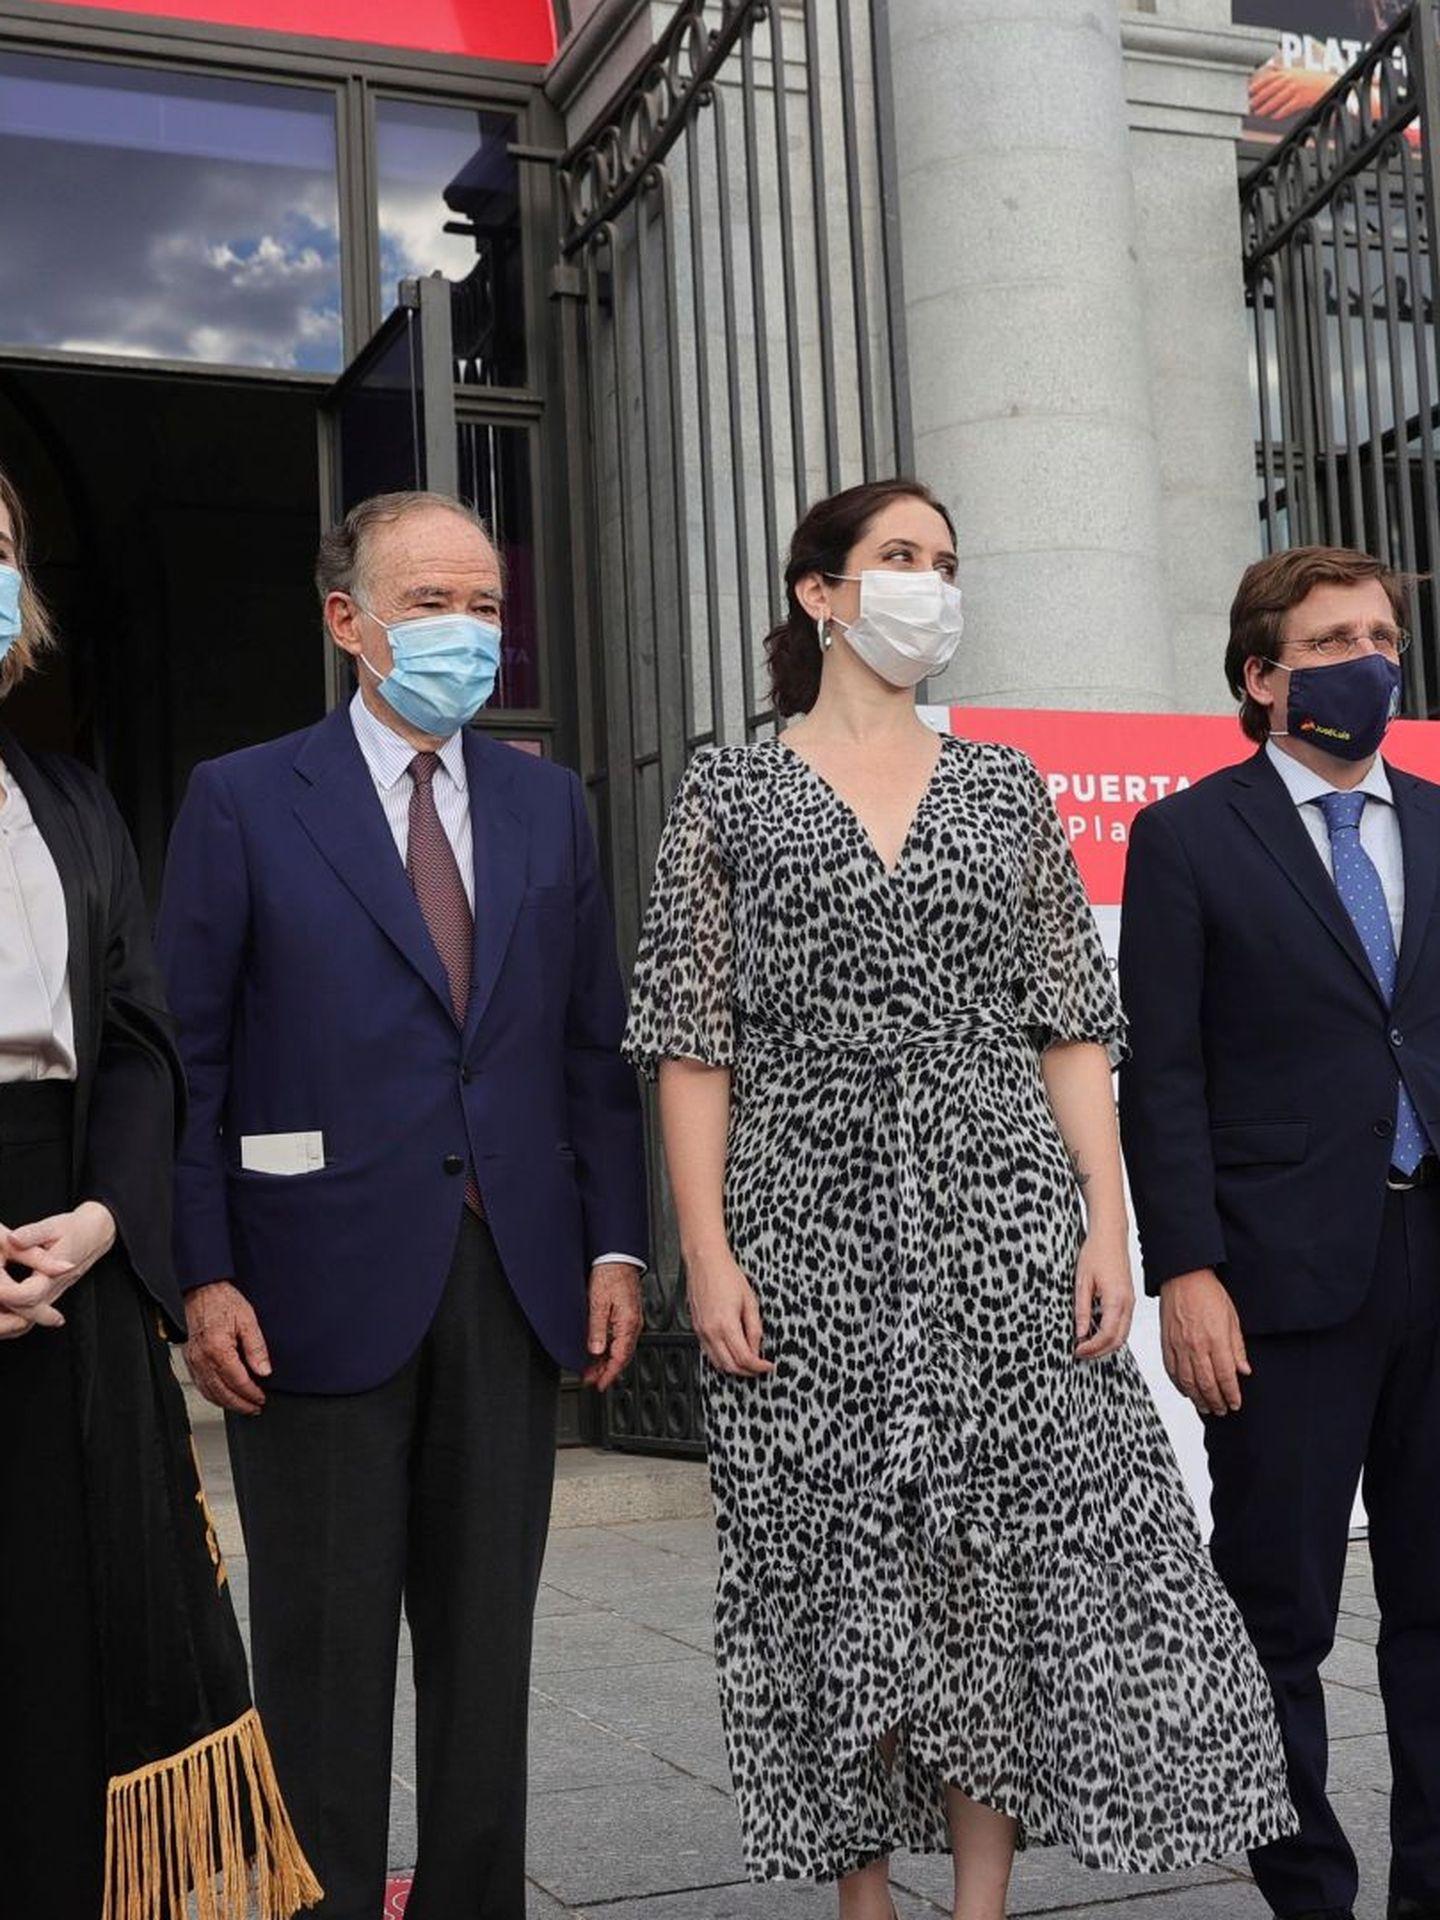 La consejera de Cultura y Turismo de la Comunidad de Madrid, Marta Rivera de la Cruz. (EFE)